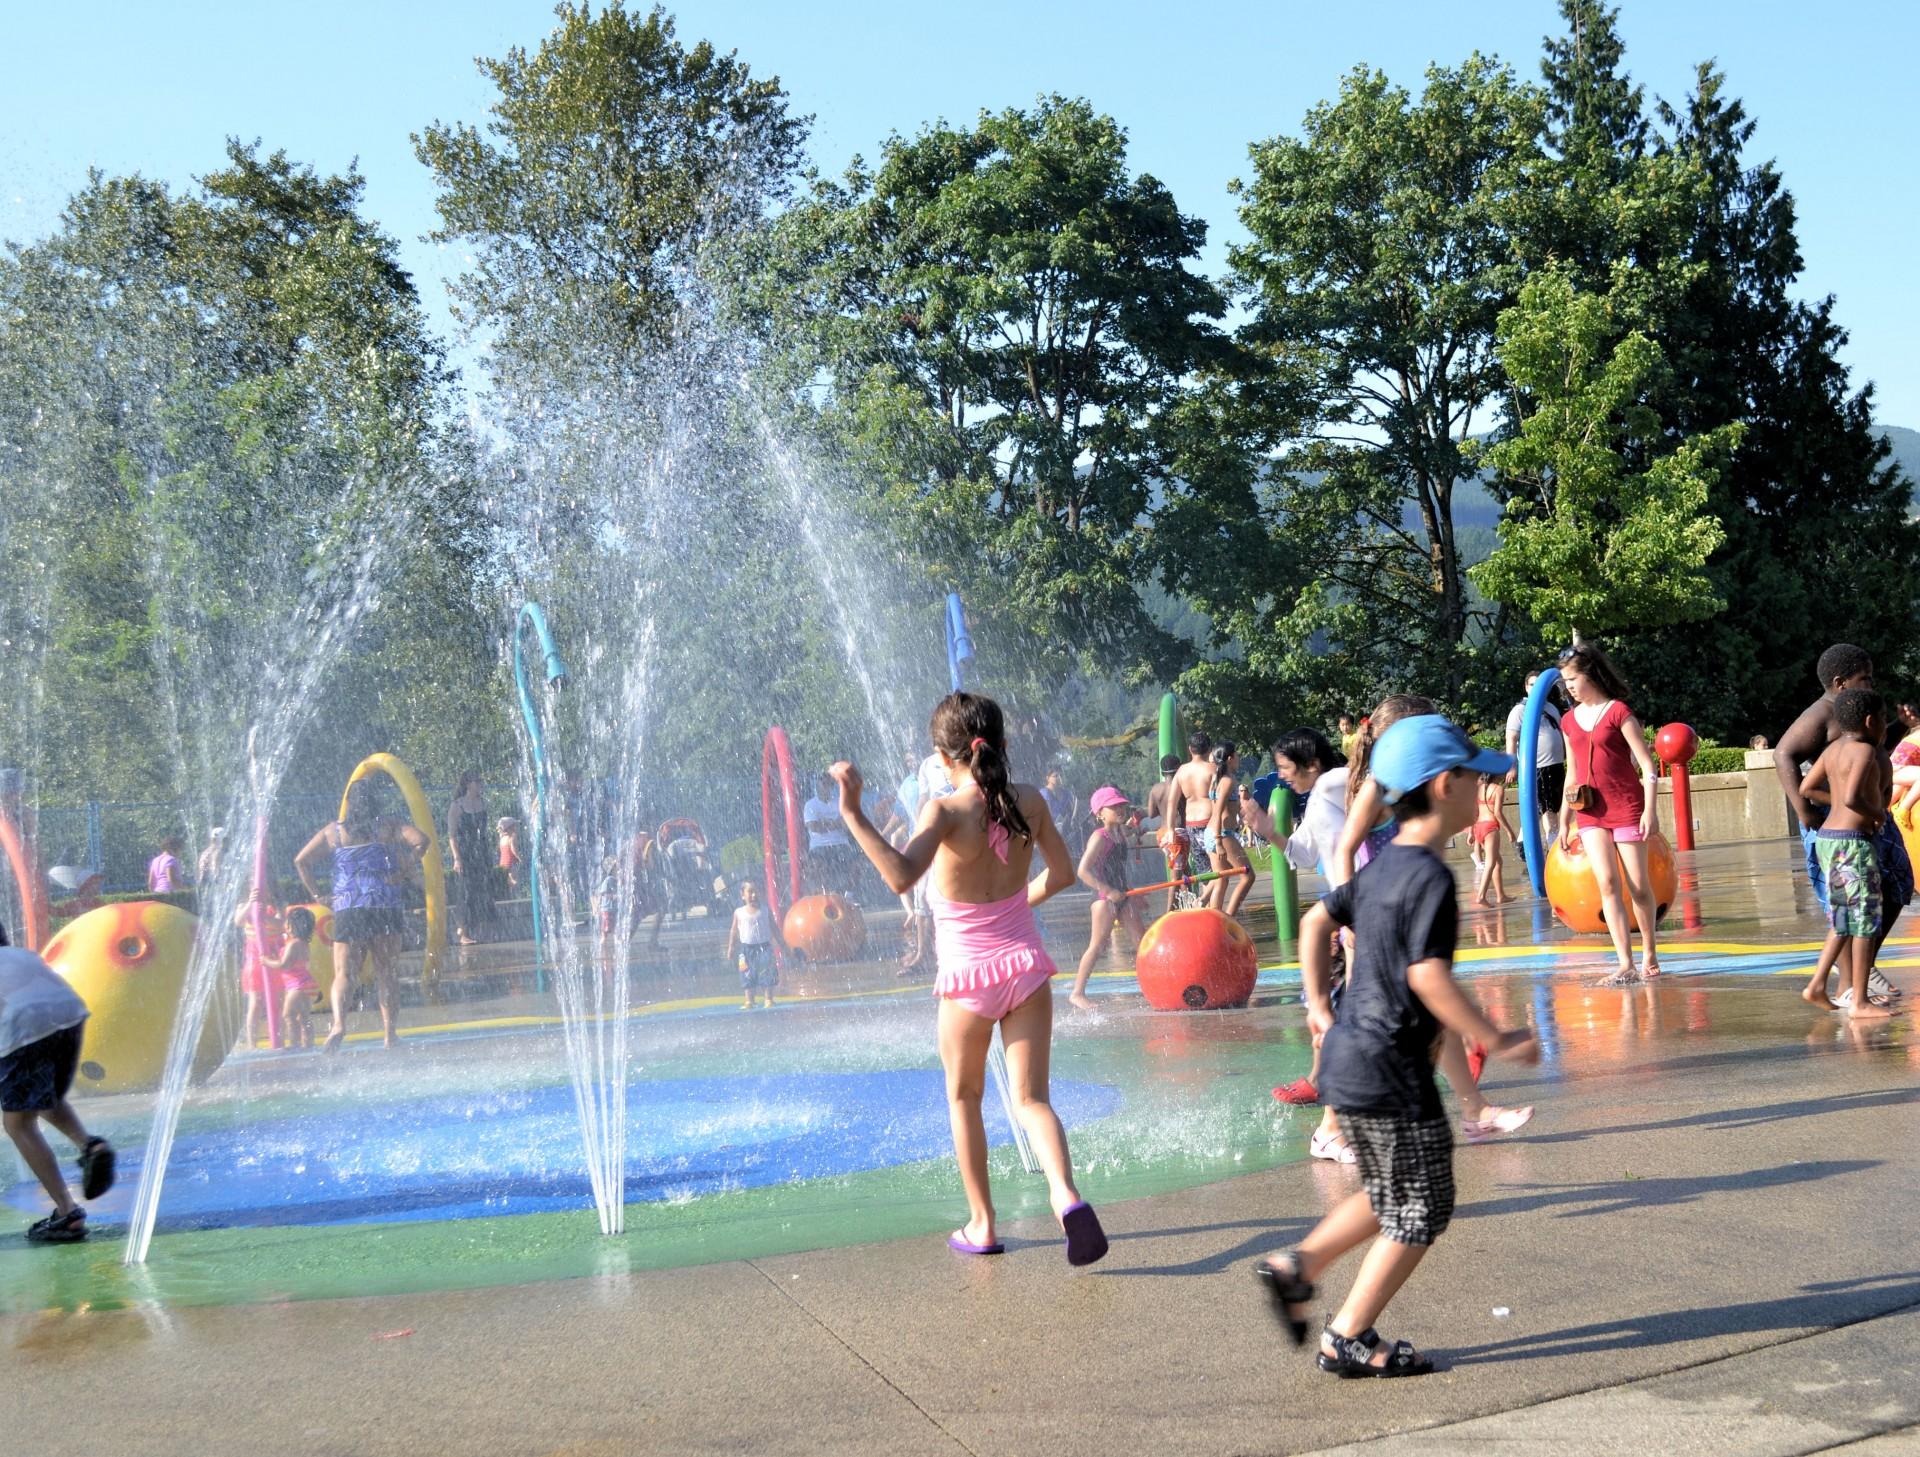 Summer, Summer Vacation, Water Park